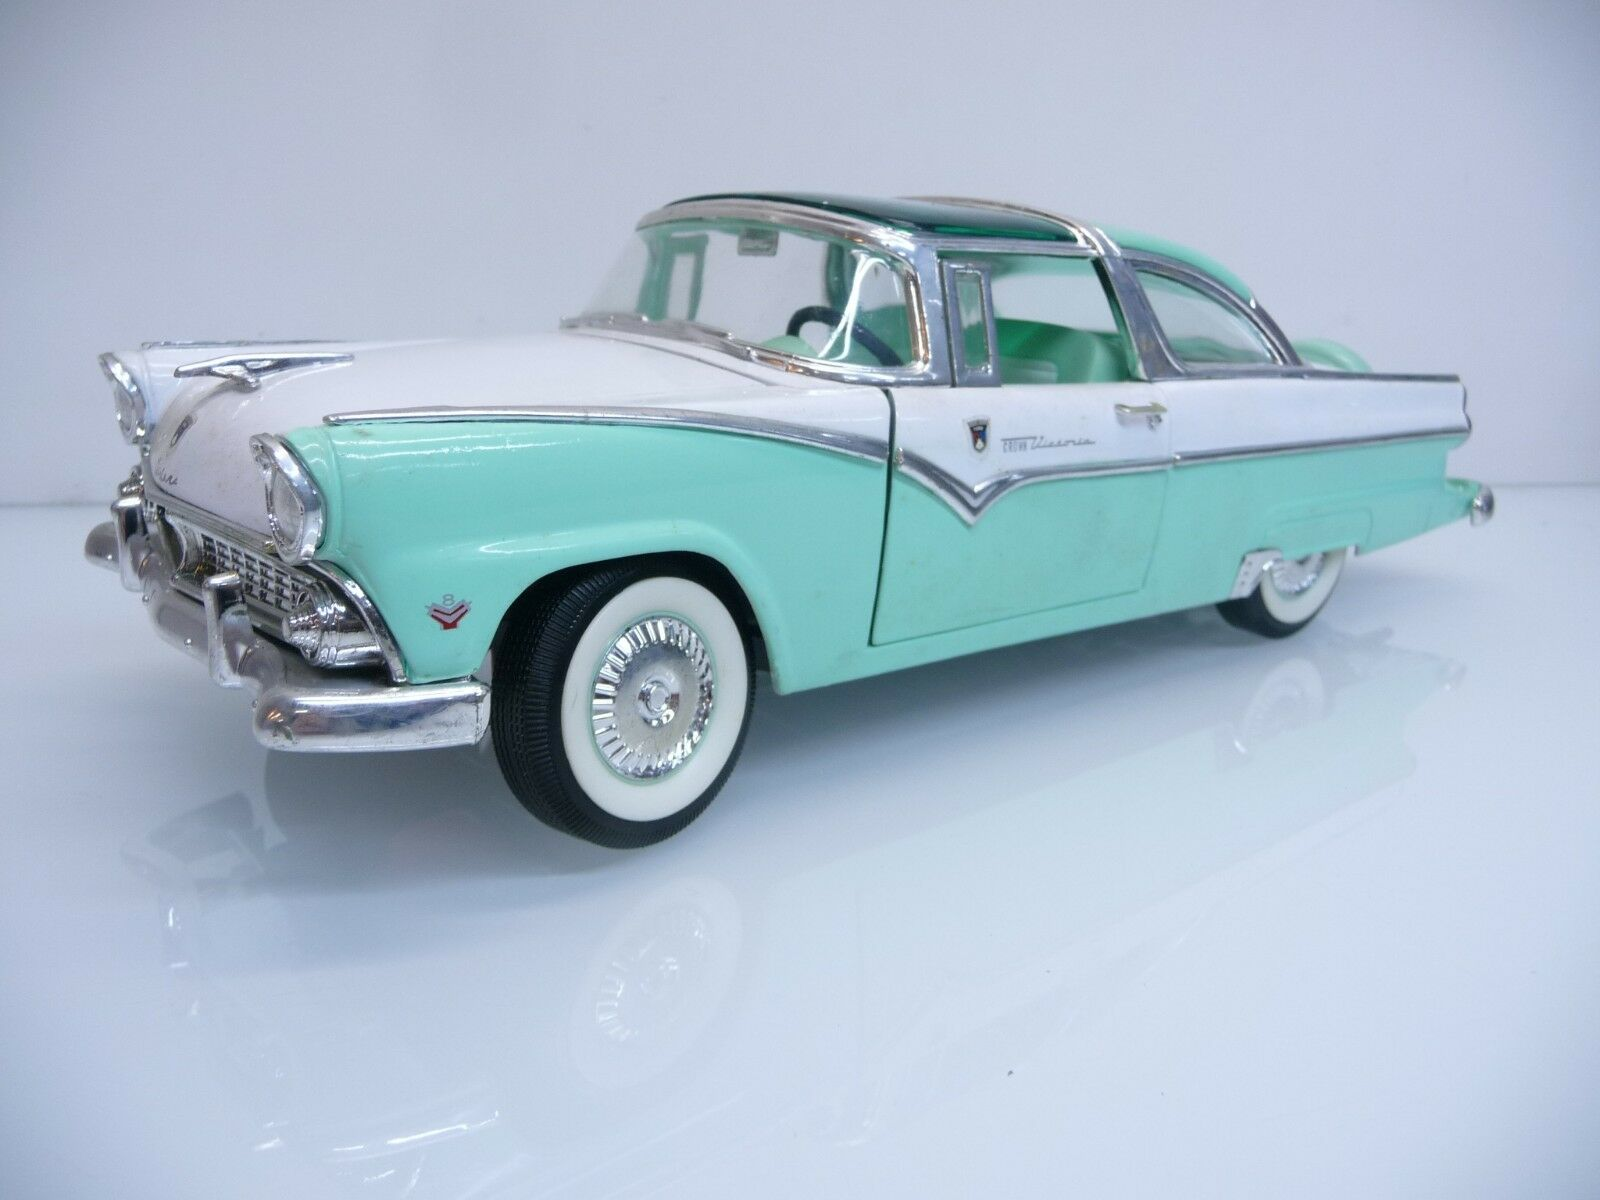 Road Tough 92138 1 18 Ford Fairlane Crown Victoria Baujahr 1955 weiß türkis TOP  | Bestellung willkommen